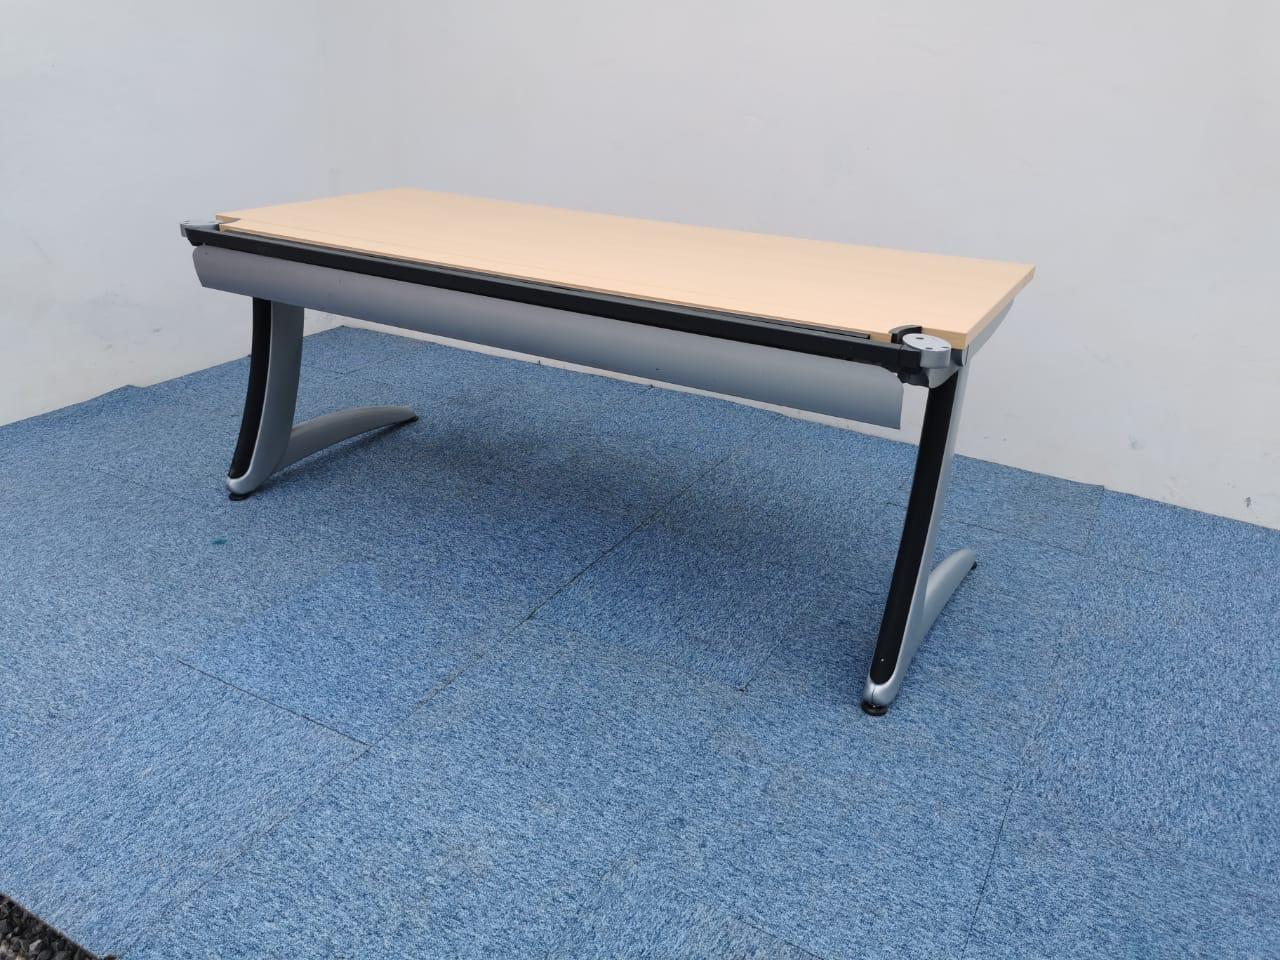 Bureau droit Steelcase 160x80cm pied L